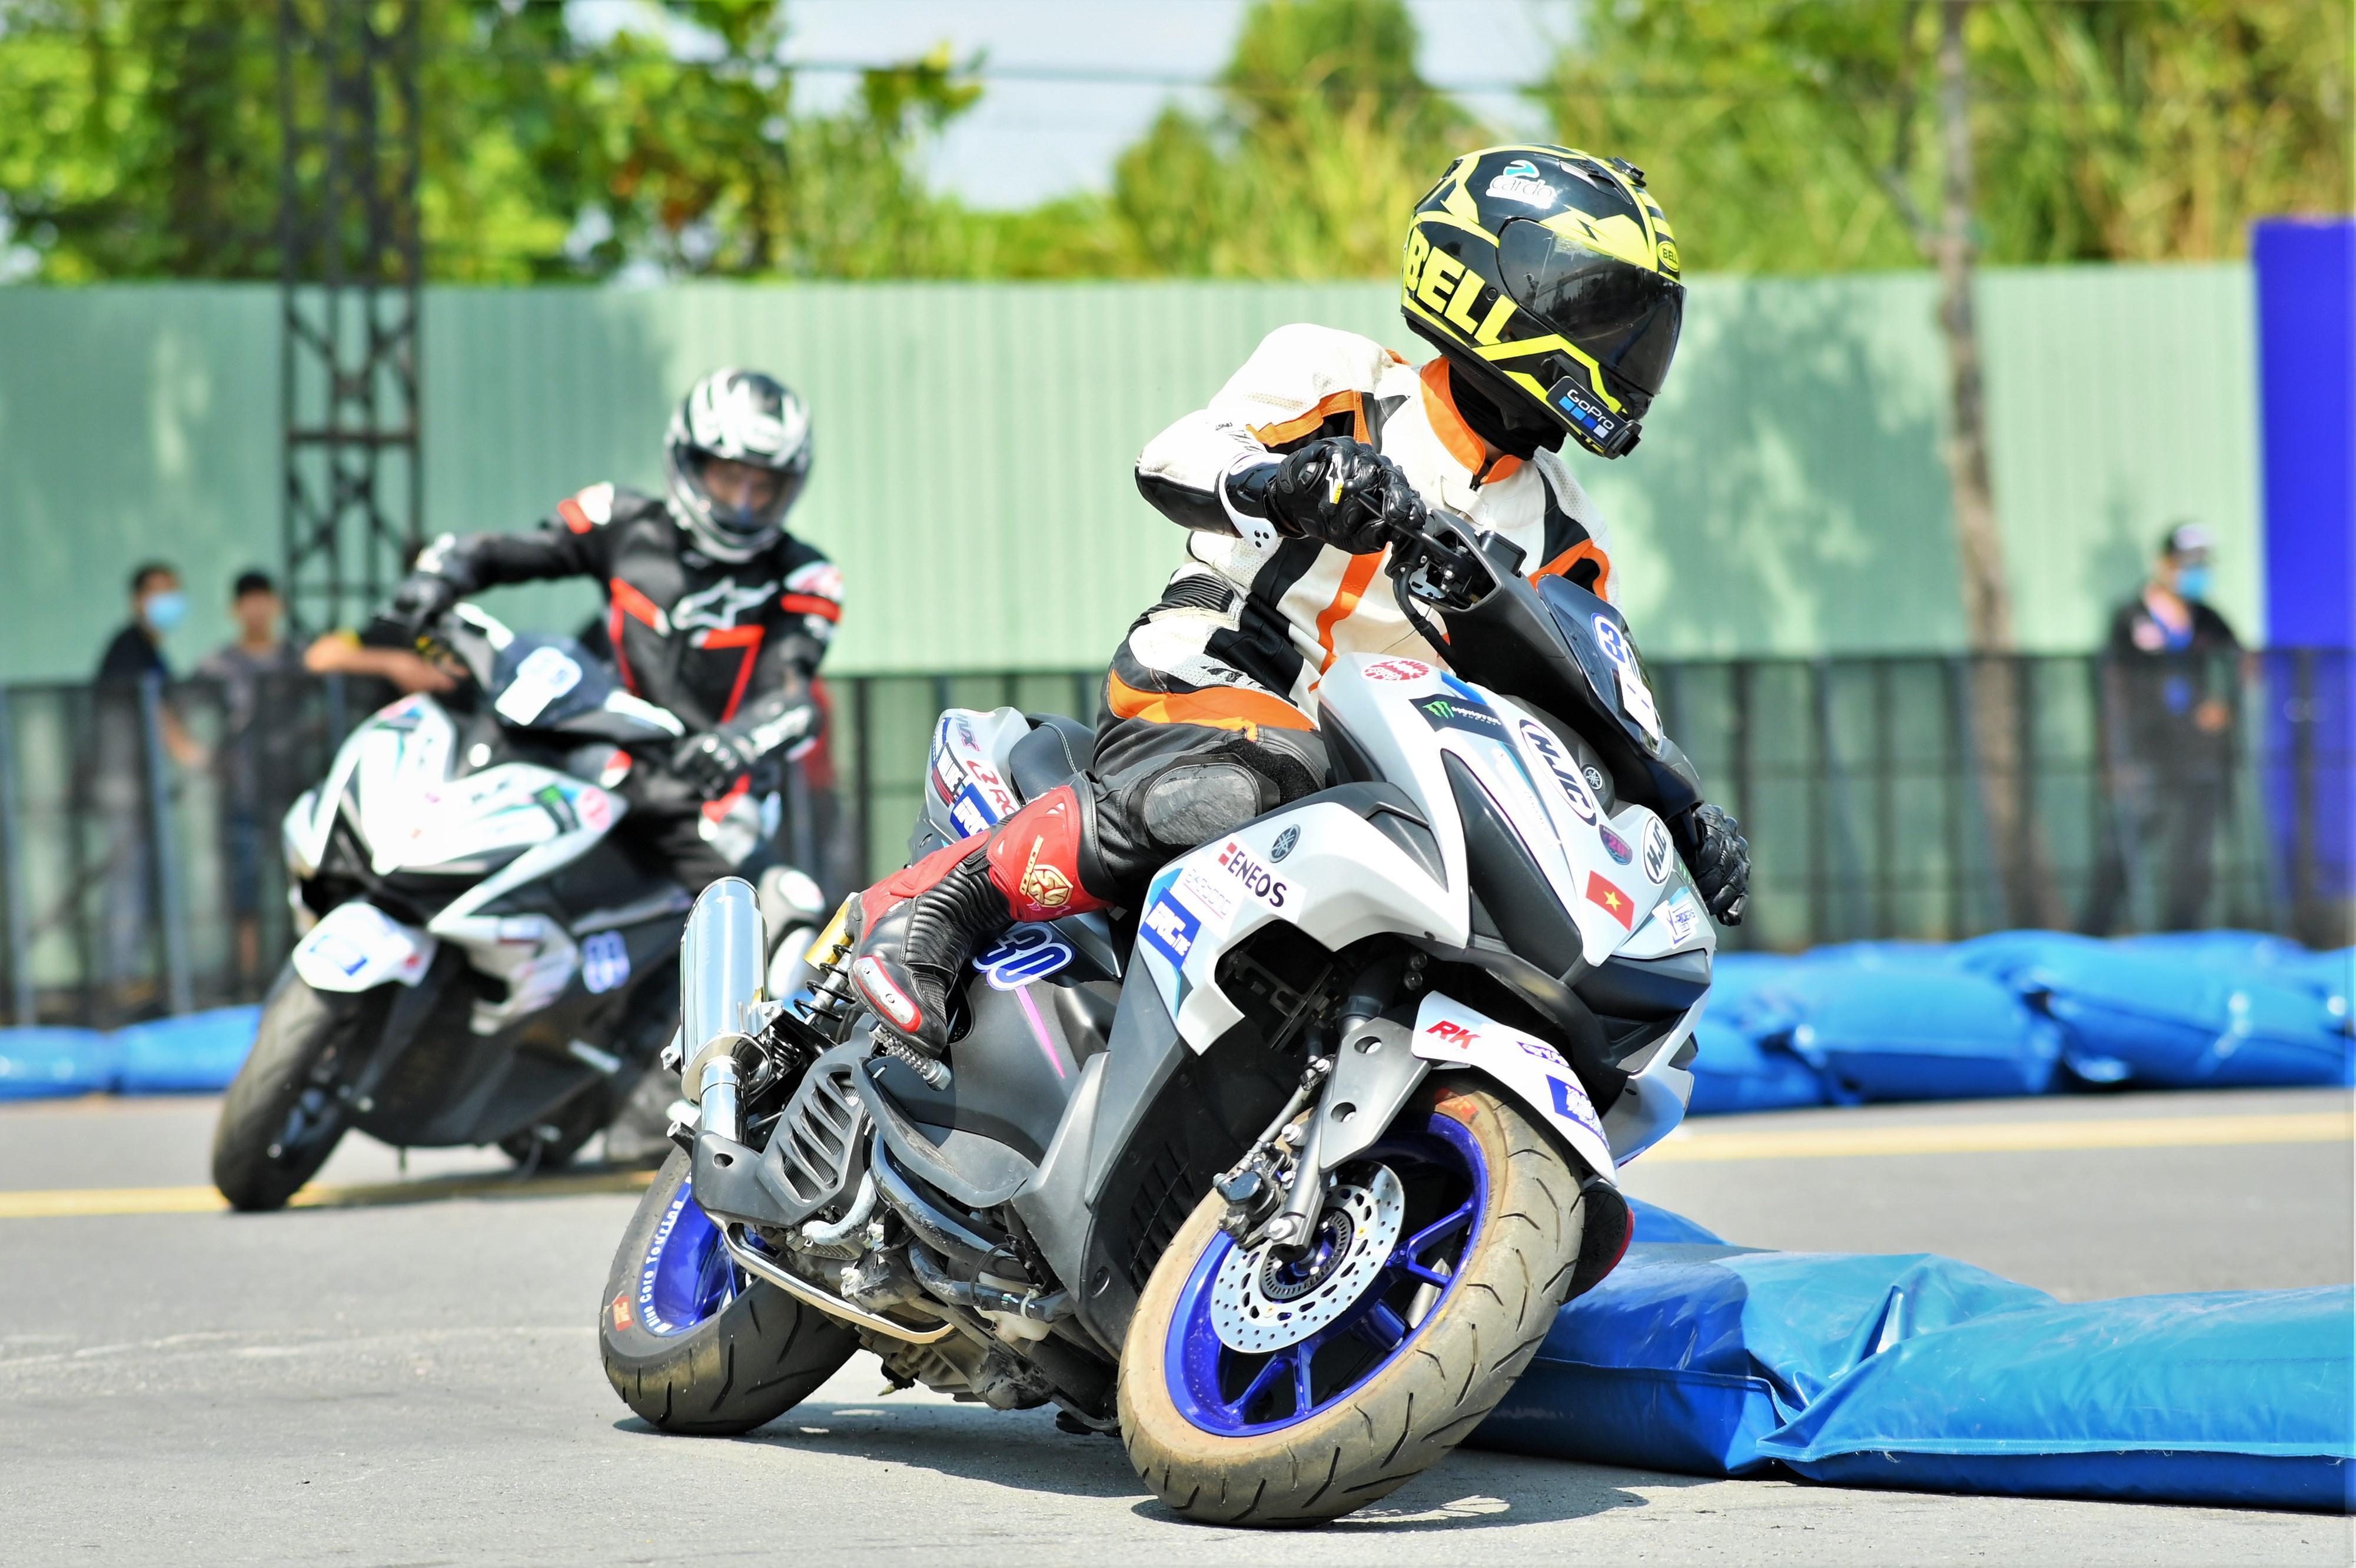 Xe tay ga Yamaha NVX bản đua tại Việt Nam có gì đặc biệt?